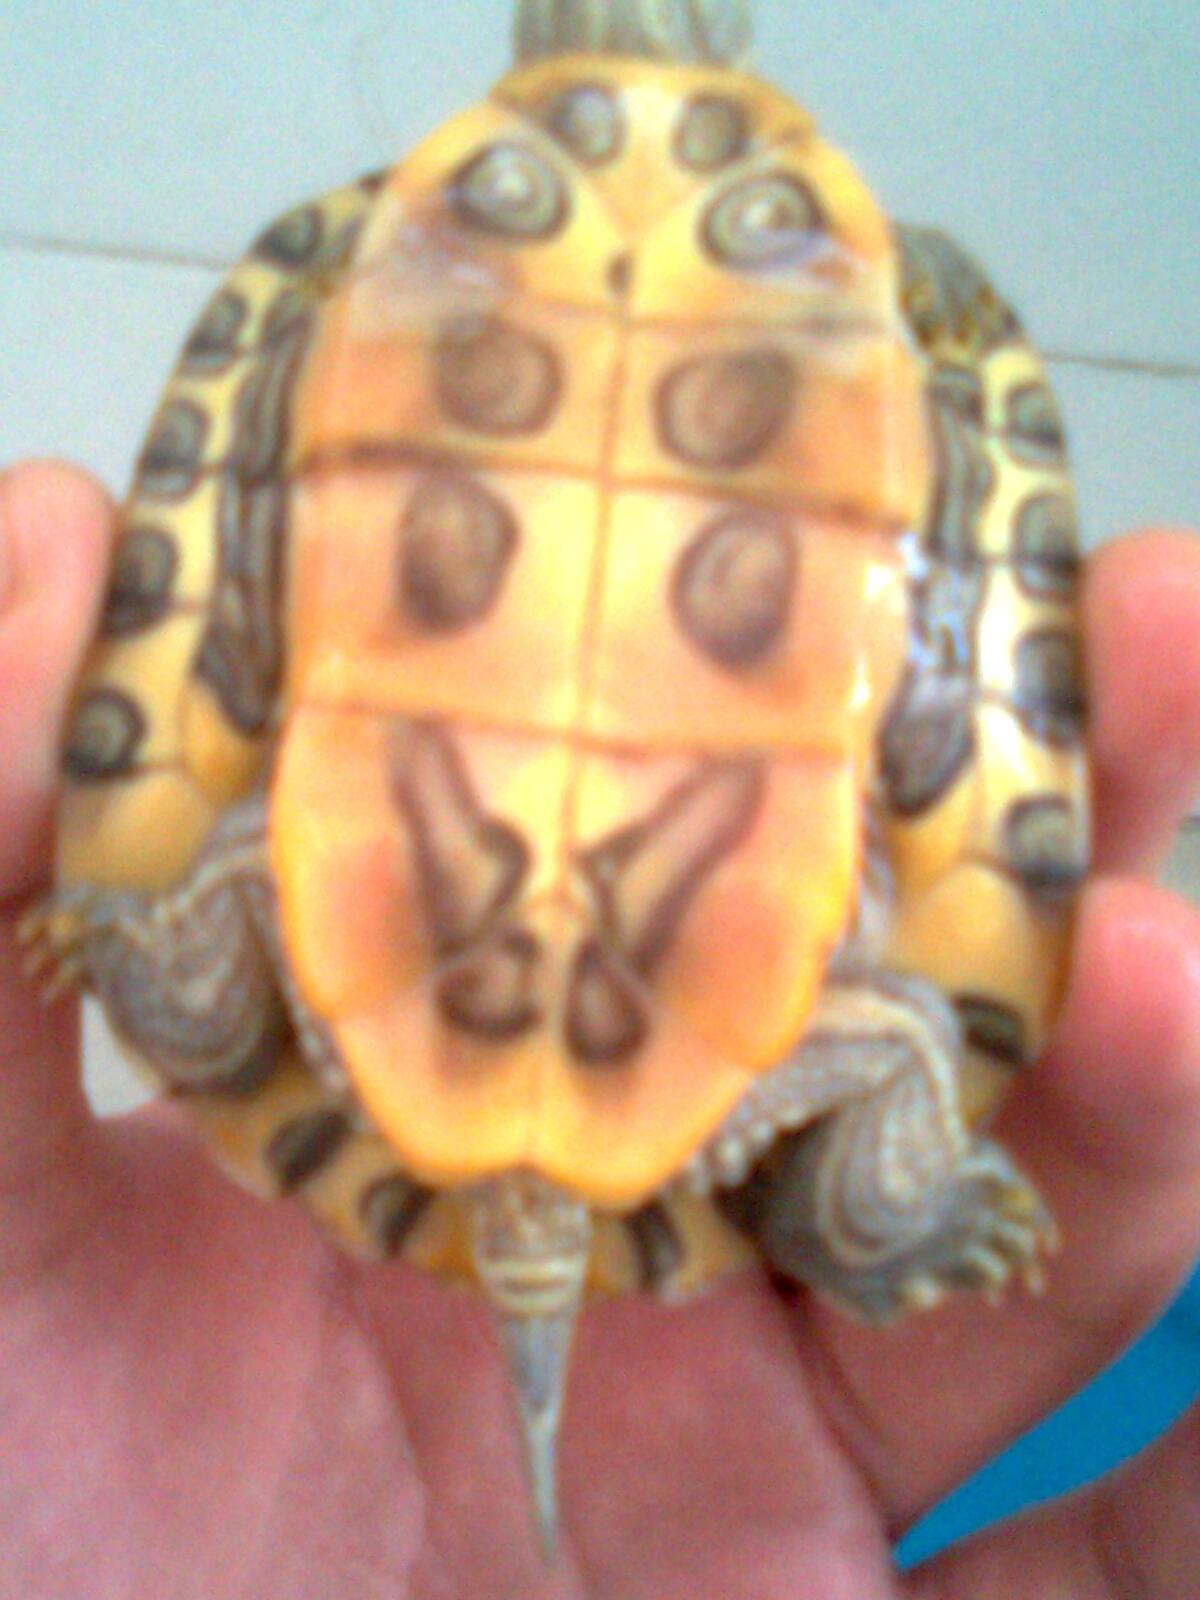 怎样辨别巴西龟公母 巴西龟公母辨别图片 巴西龟怎么辨别公母图片